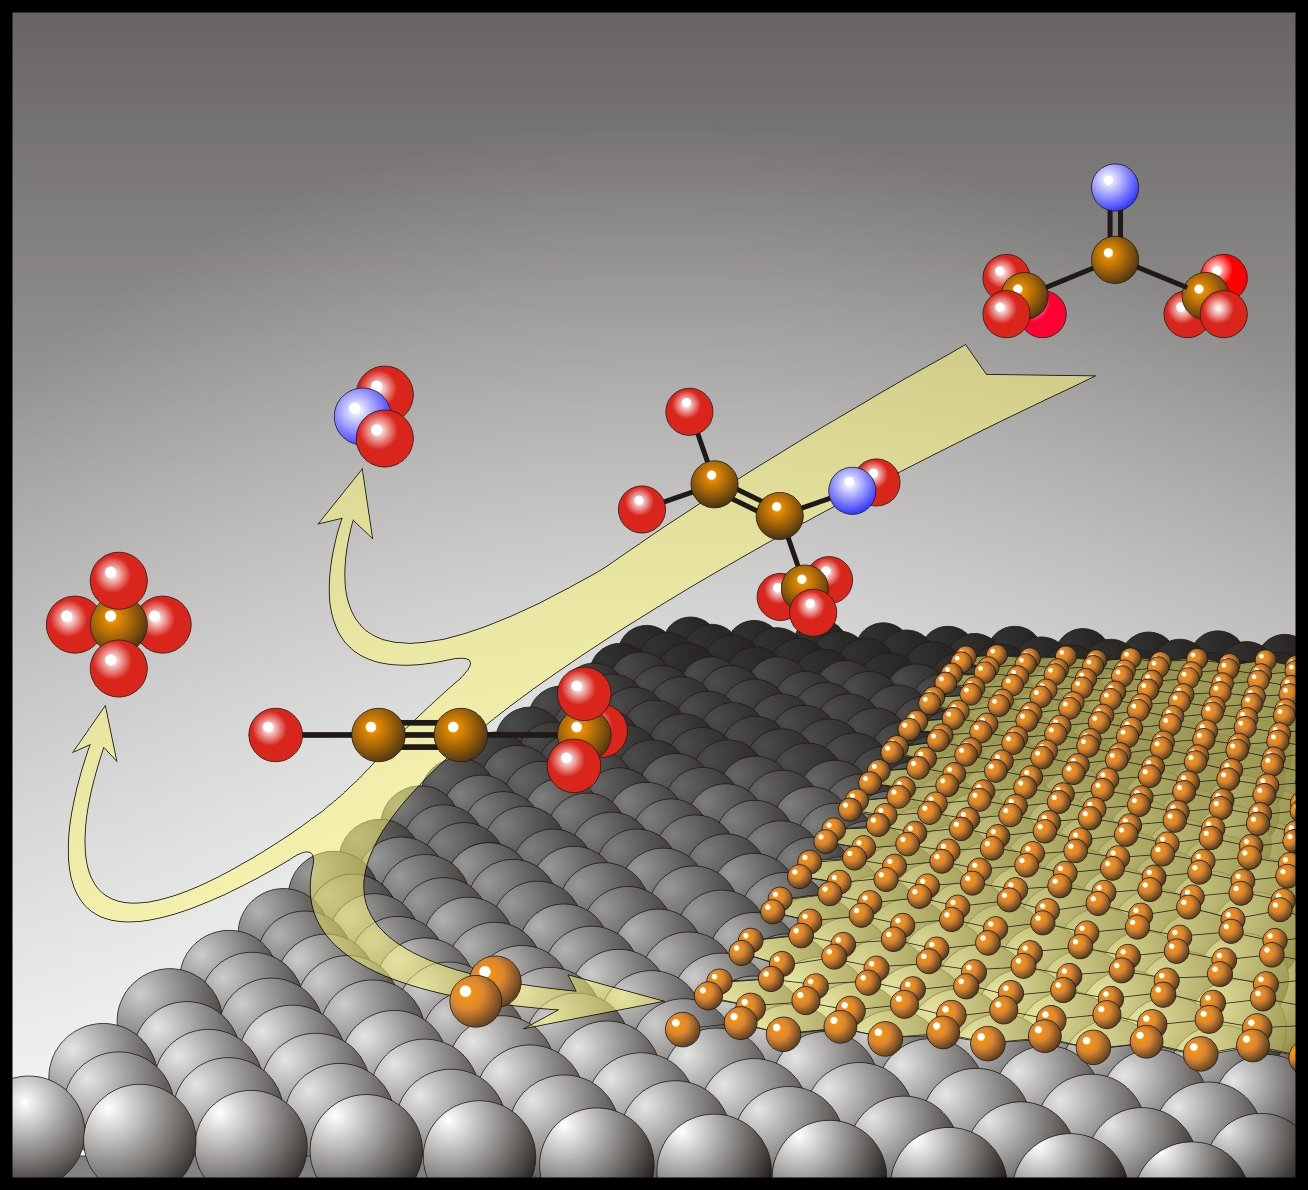 In der Abbildung ist der schematische Zerfall eines molekularen Precursors sowie die Bildung einer monoatomaren Kohlenstoffschicht (Graphen) auf dem Metallsubstrat zu sehen.